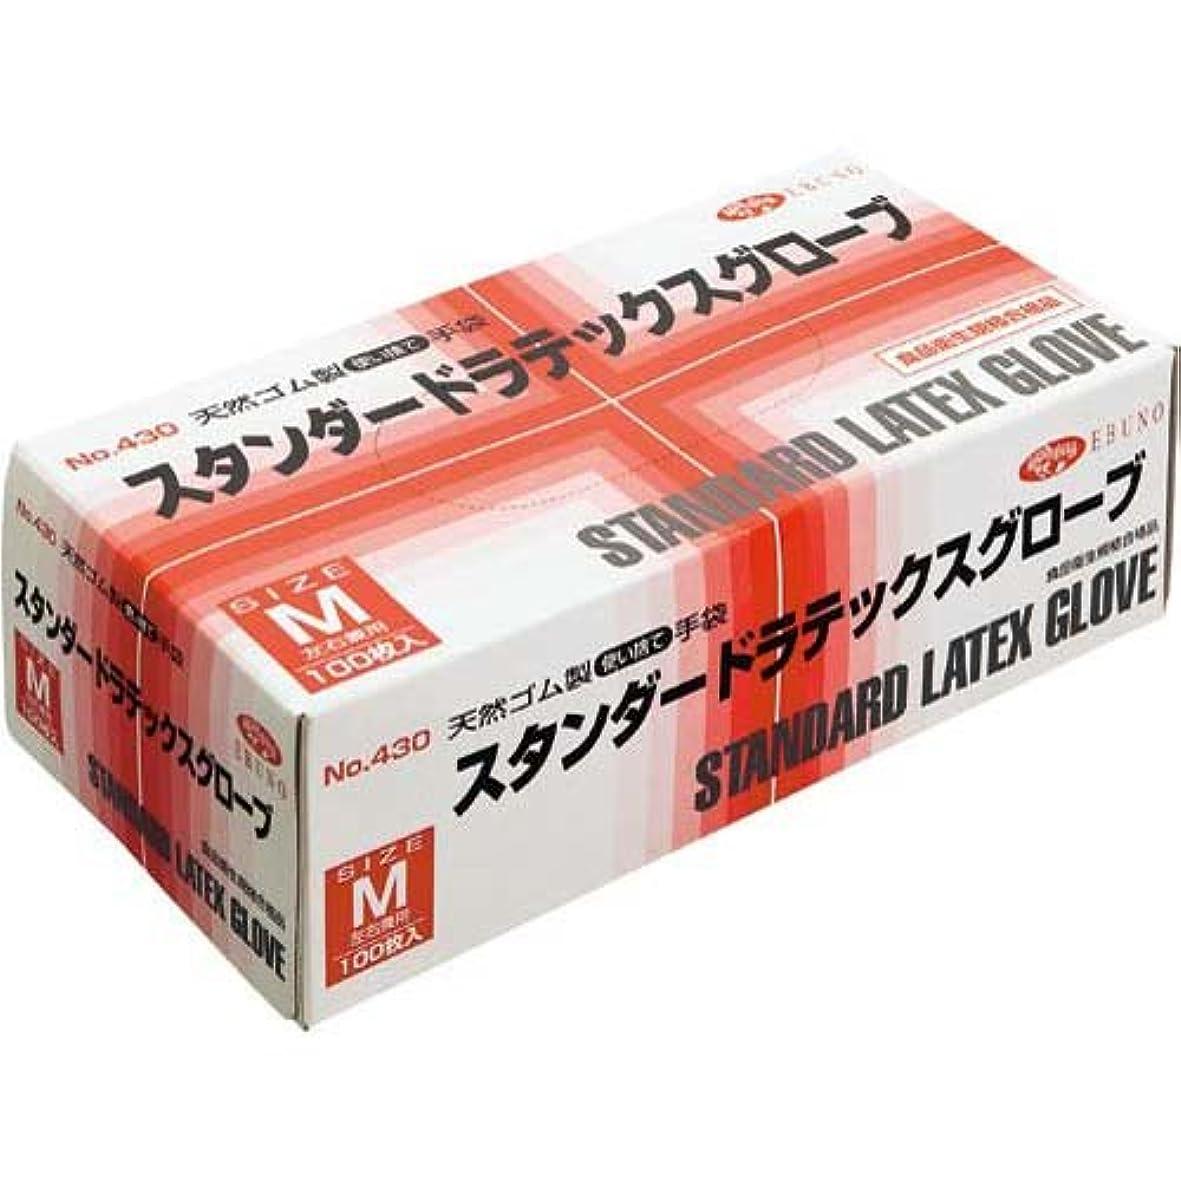 建築戦艦鮫エブノ スタンダードラテックスグローブ 箱入 No.430 100枚入 M 奥行0.8×高さ24×幅9.4cm 100個入